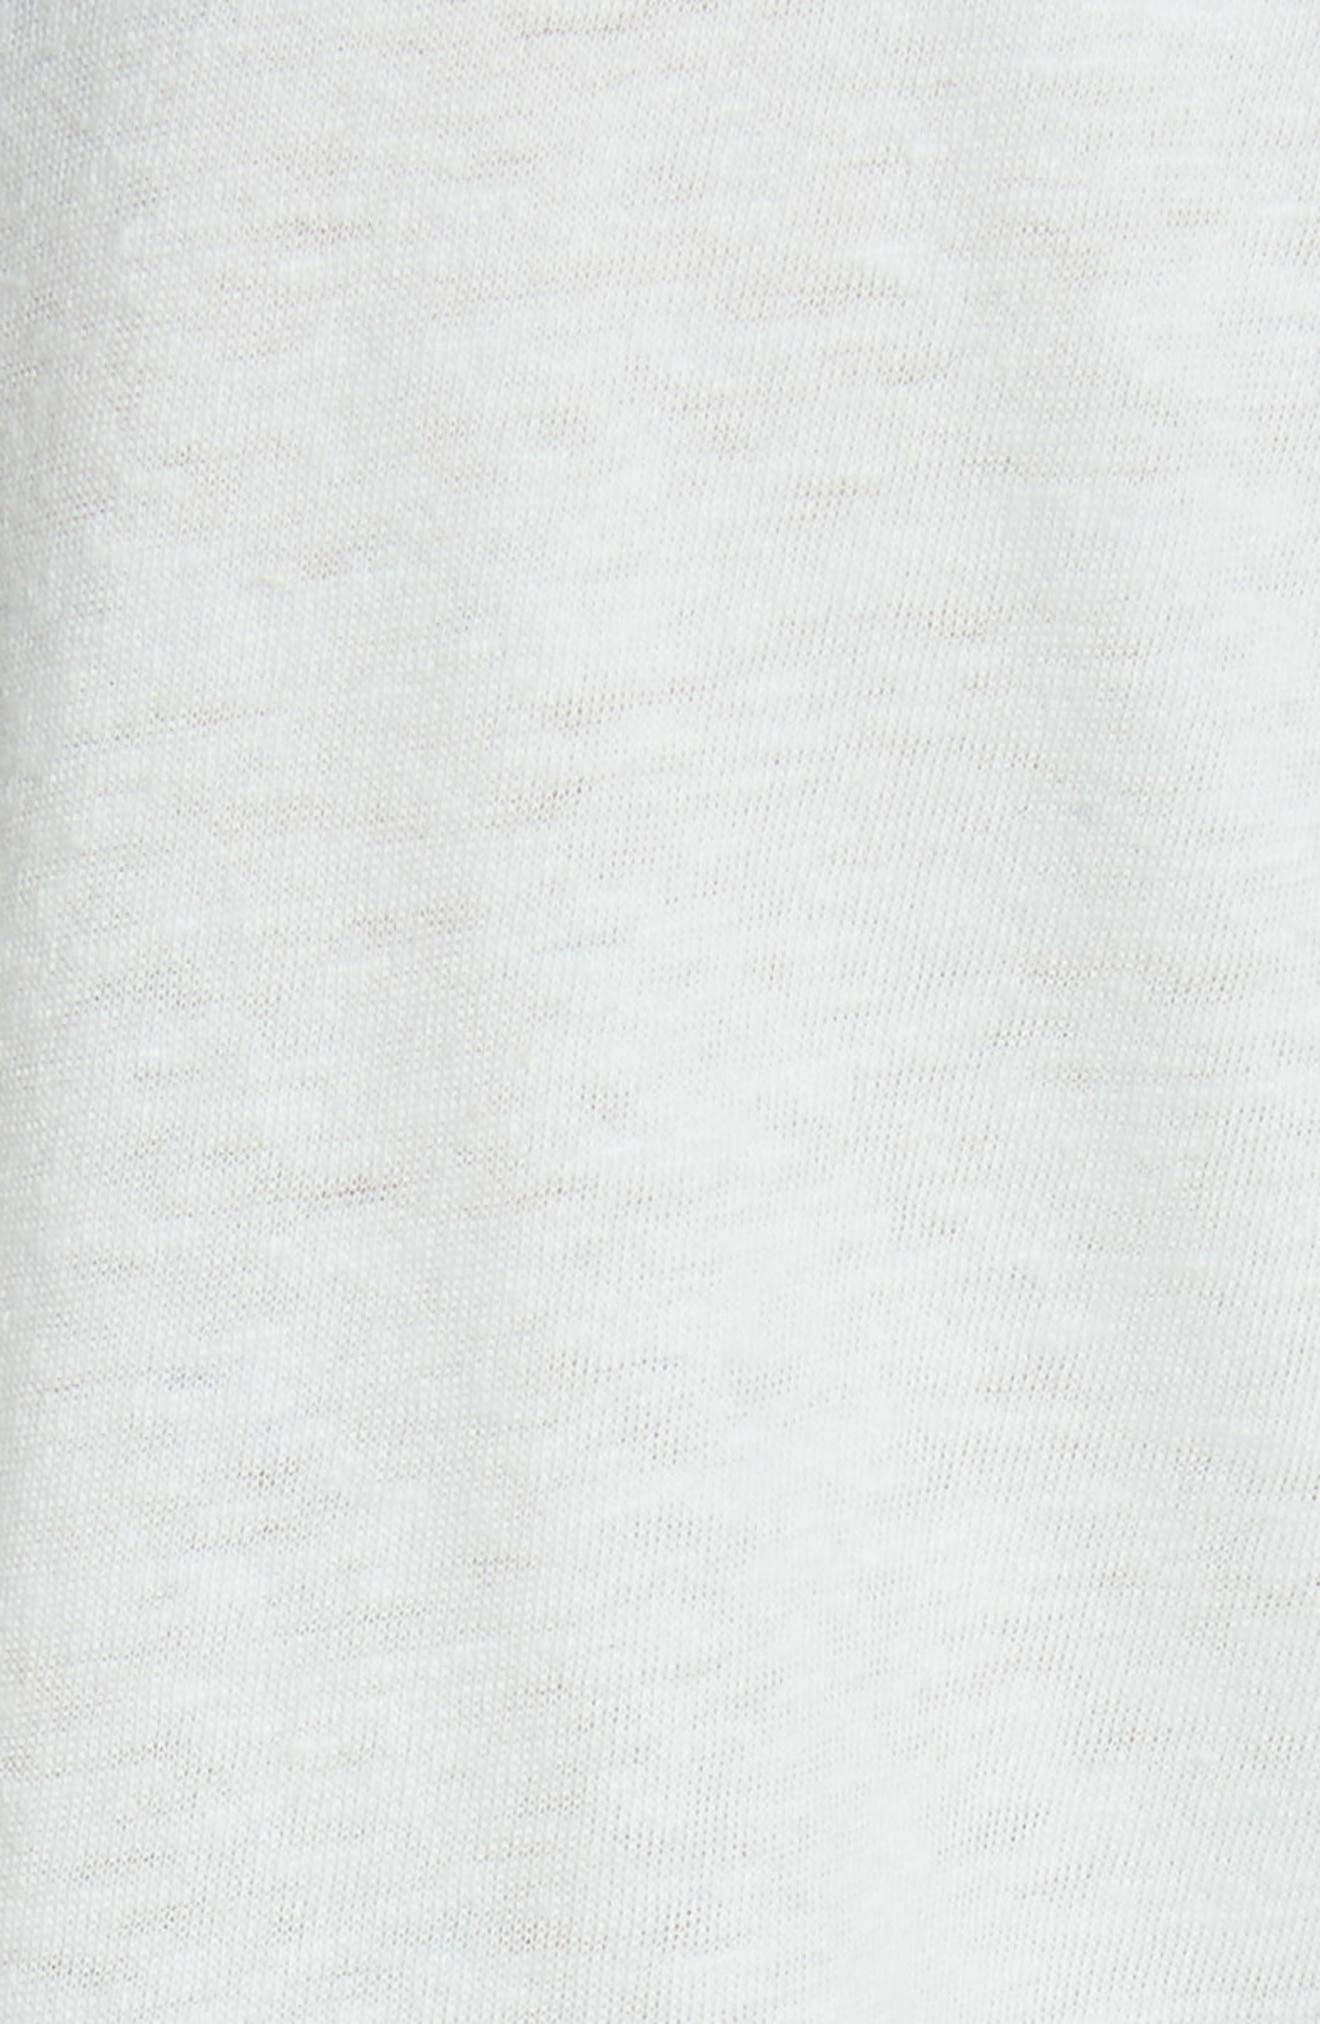 Flutter Sleeve Tee,                             Alternate thumbnail 9, color,